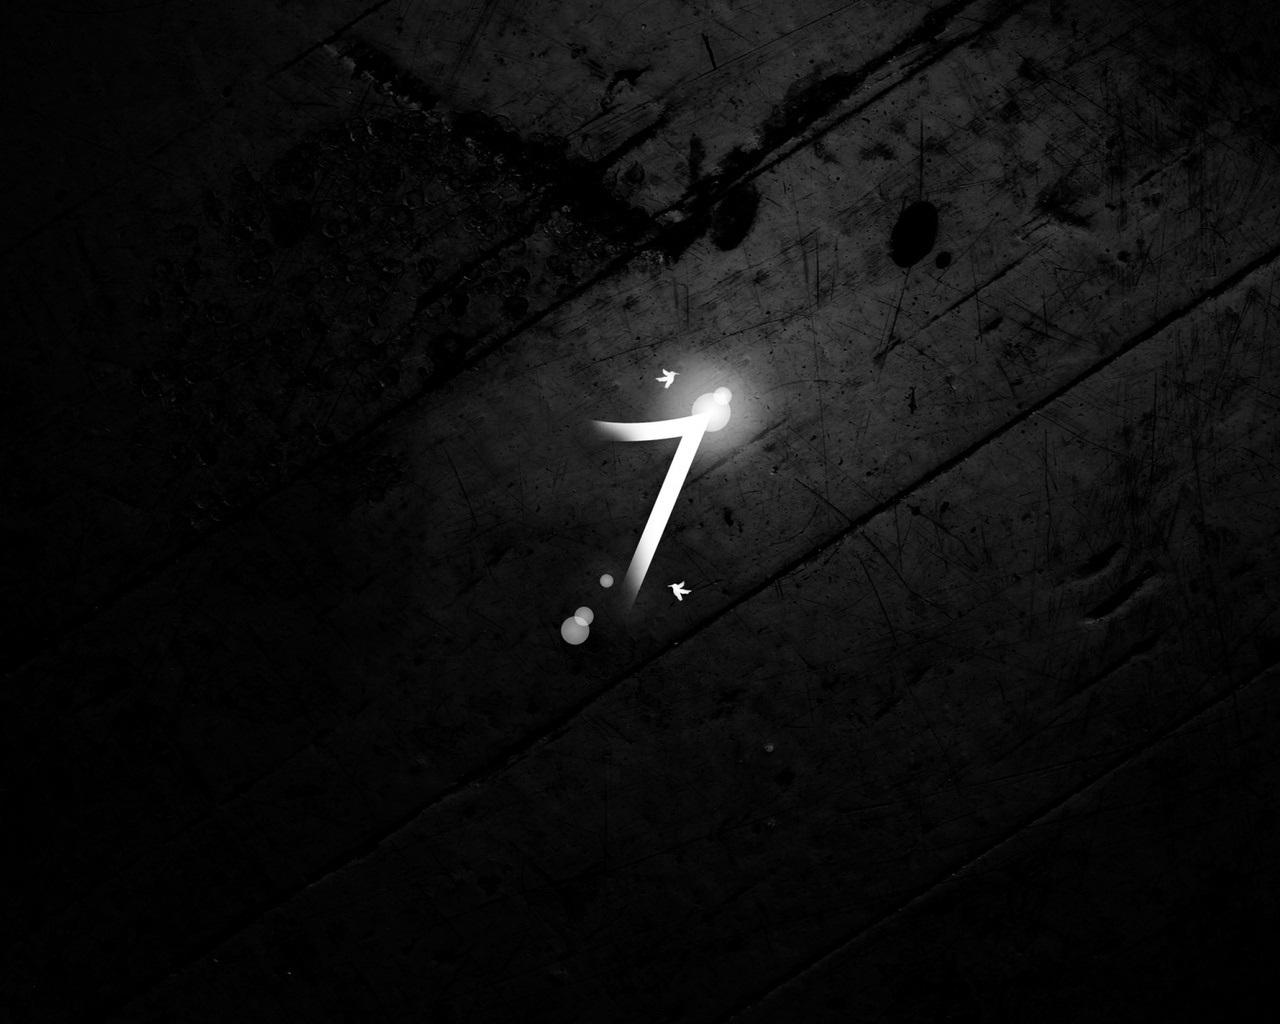 Заставки на рабочий стол черные (6)